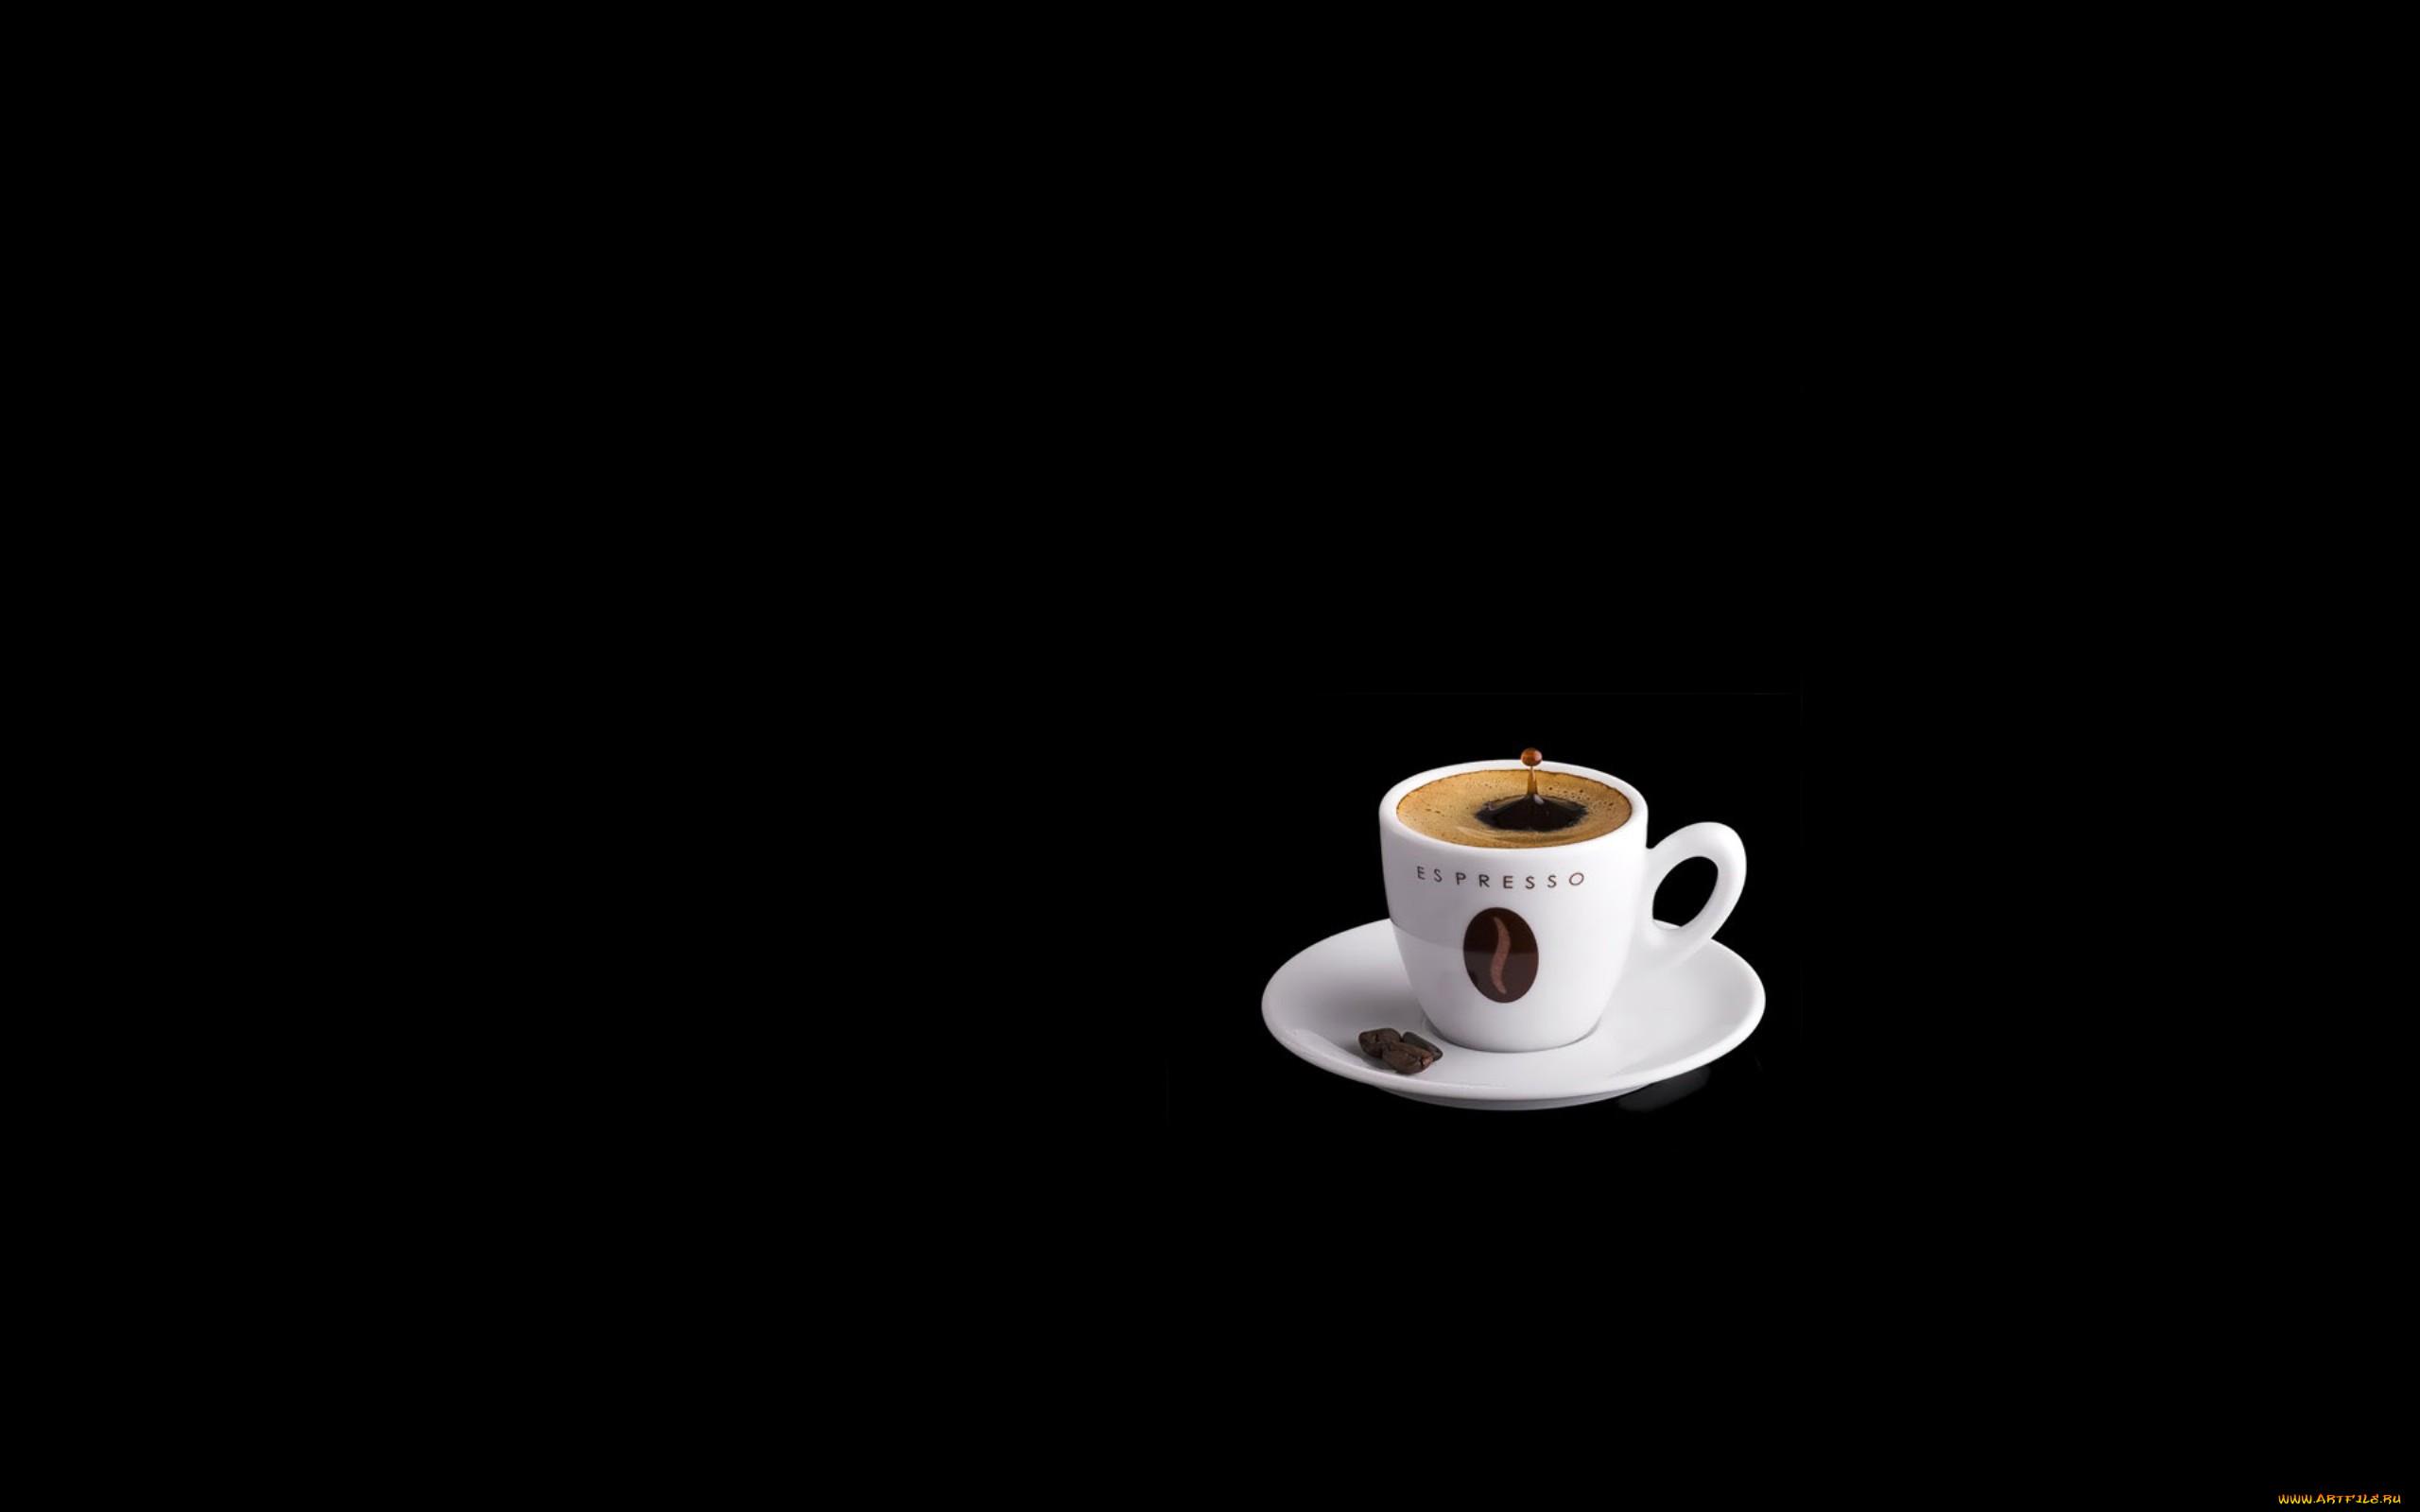 Скачать Обои На Рабочий Стол 1366x768 Кофе